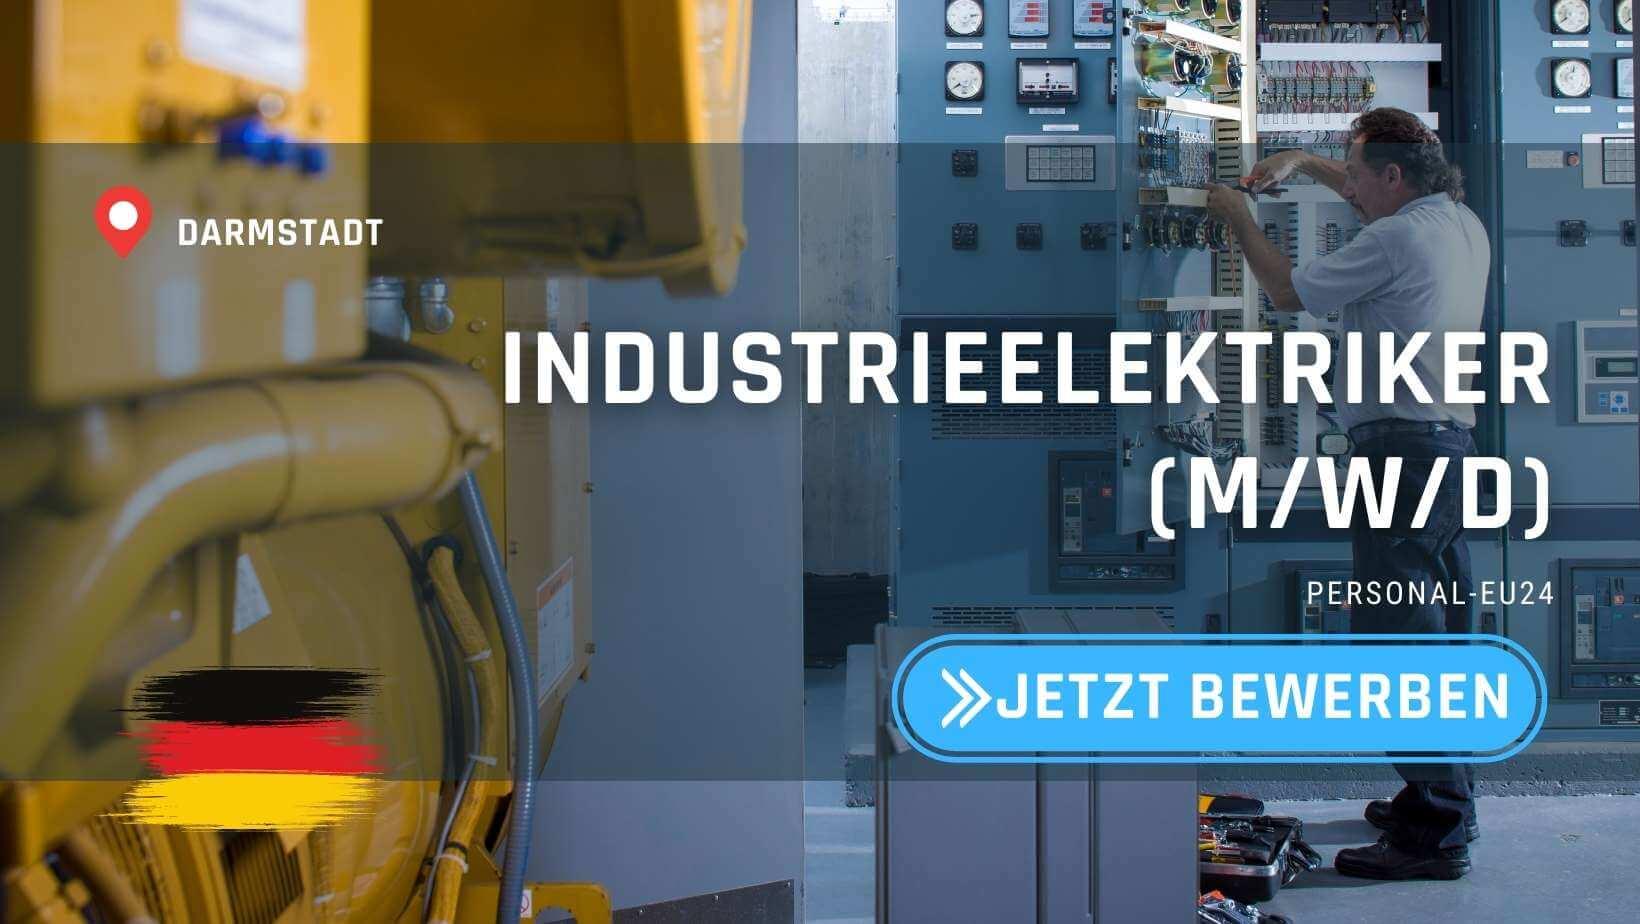 DE_K0047_125 - Industrieelektriker (mwd) Jobs in Darmstadt